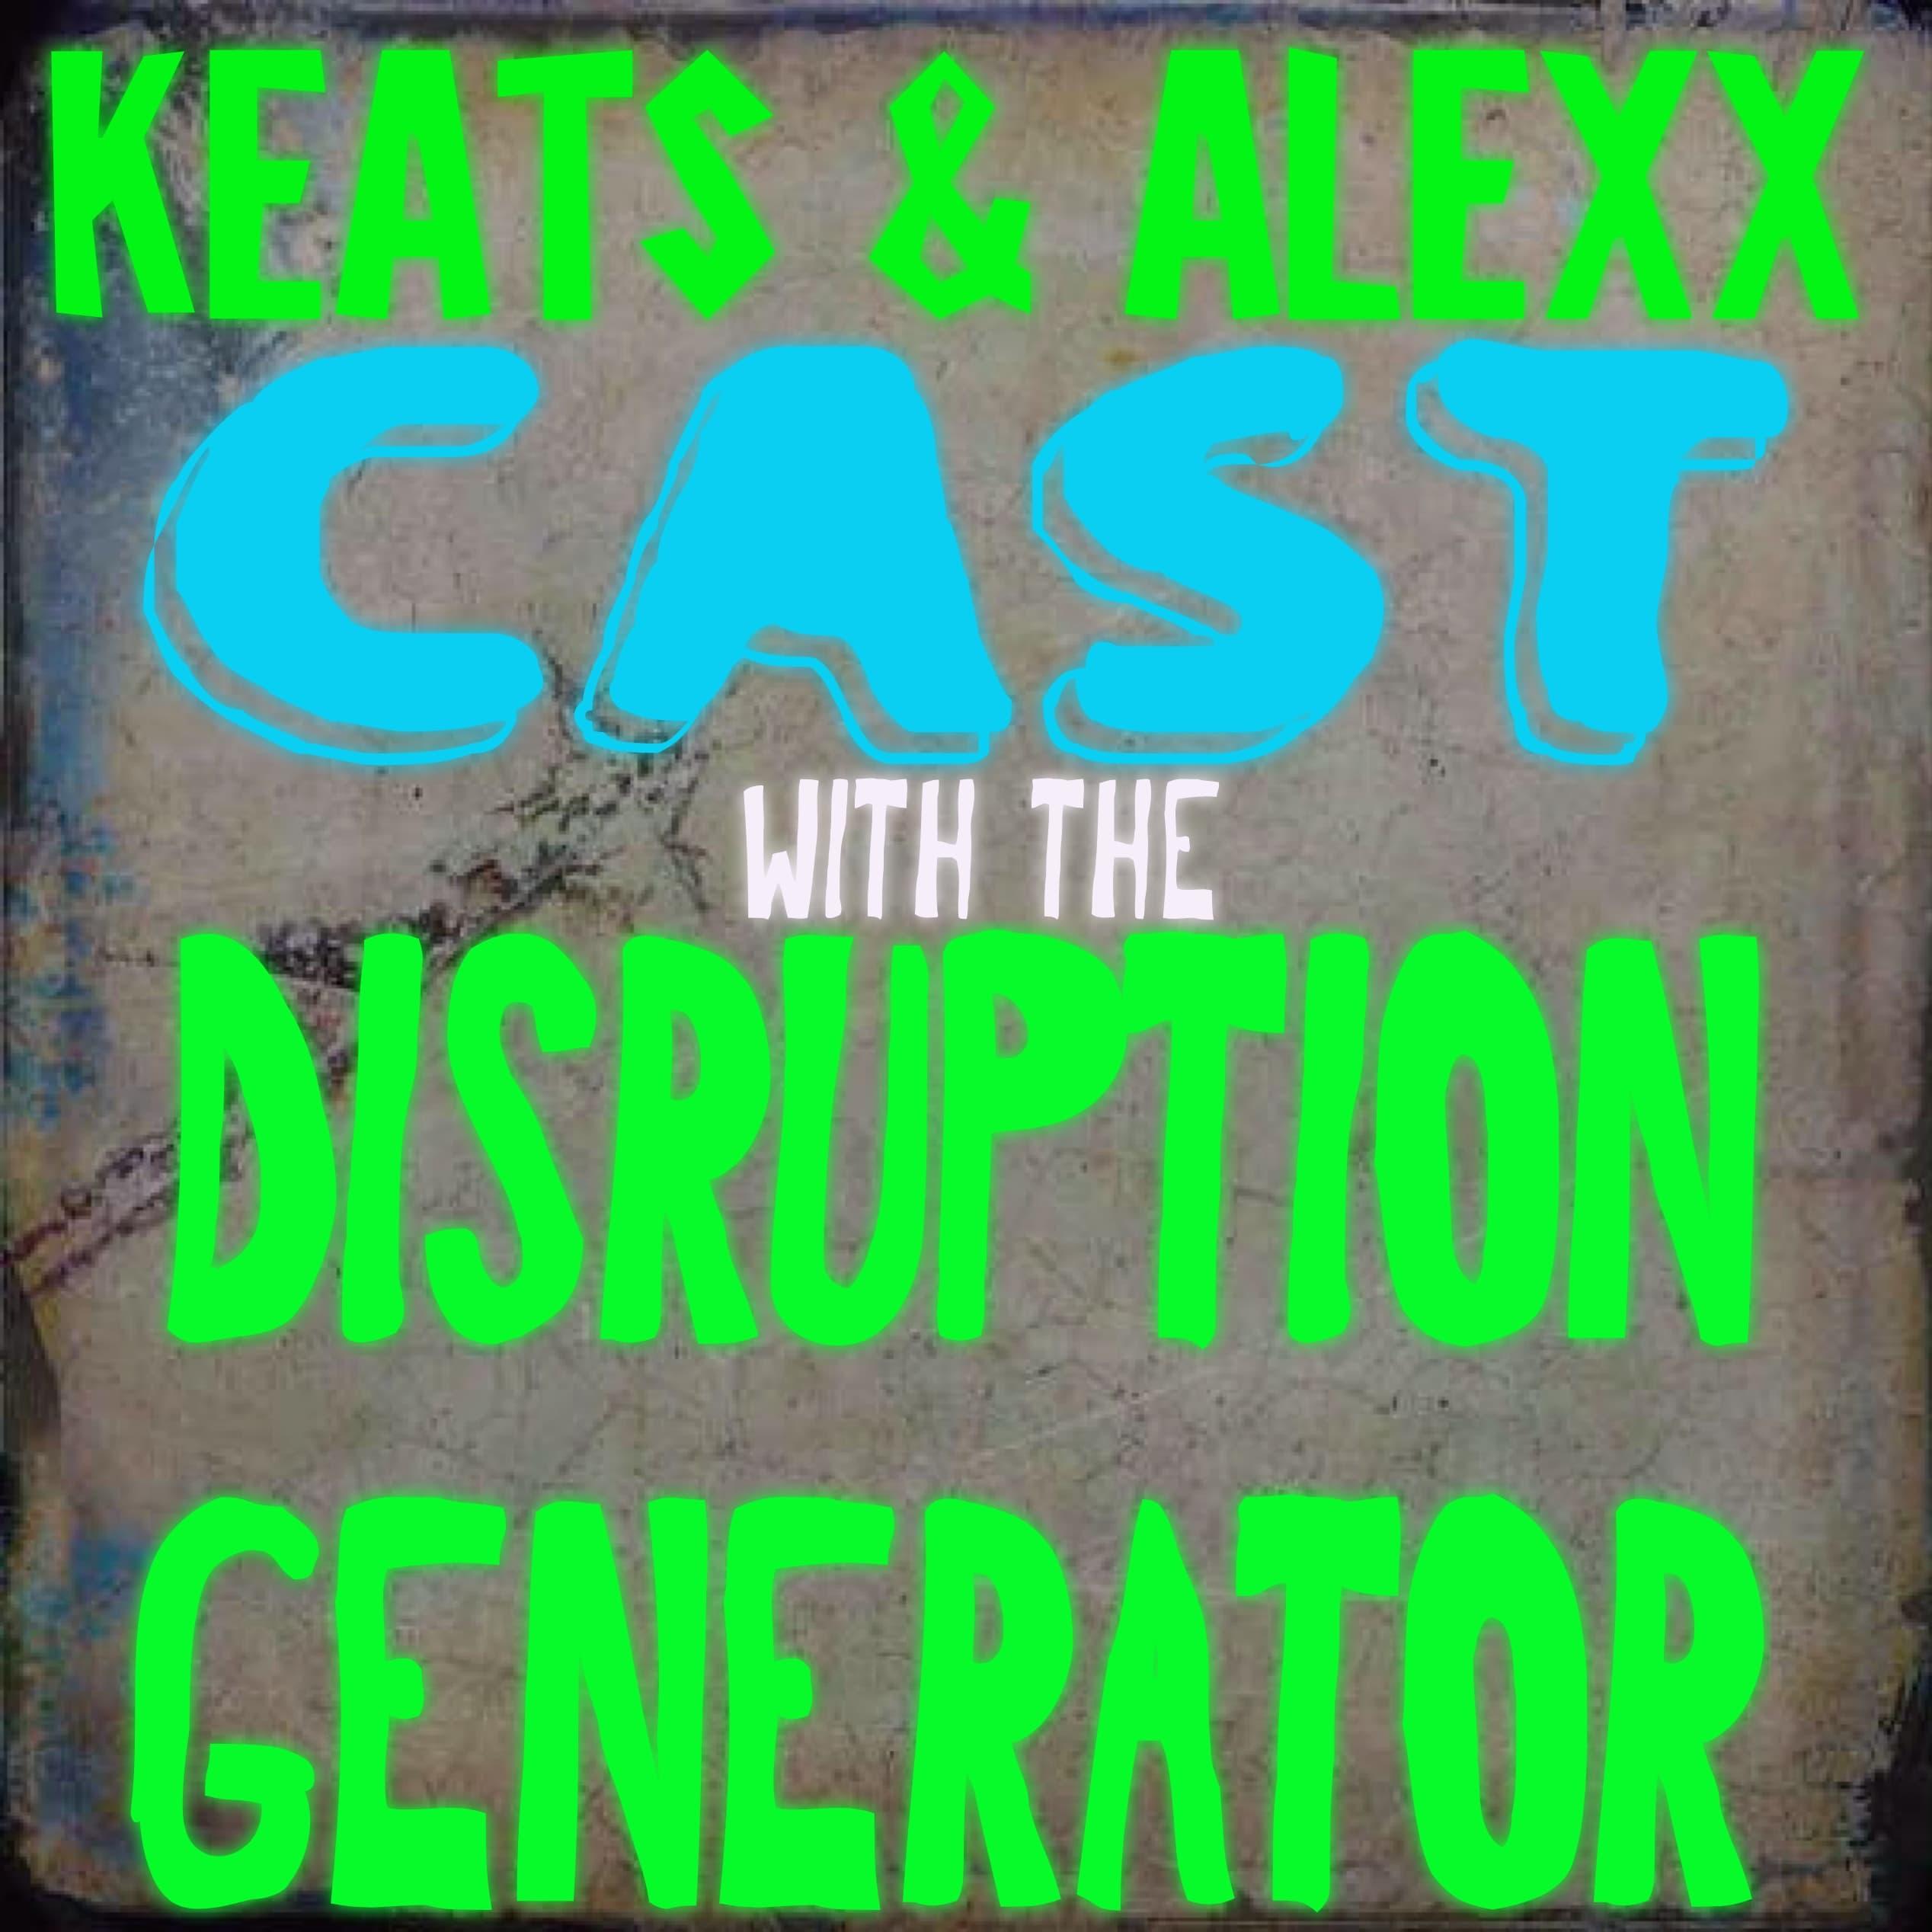 KEATS & ALEXX CAST w/ The DISRUPTION GENERATOR